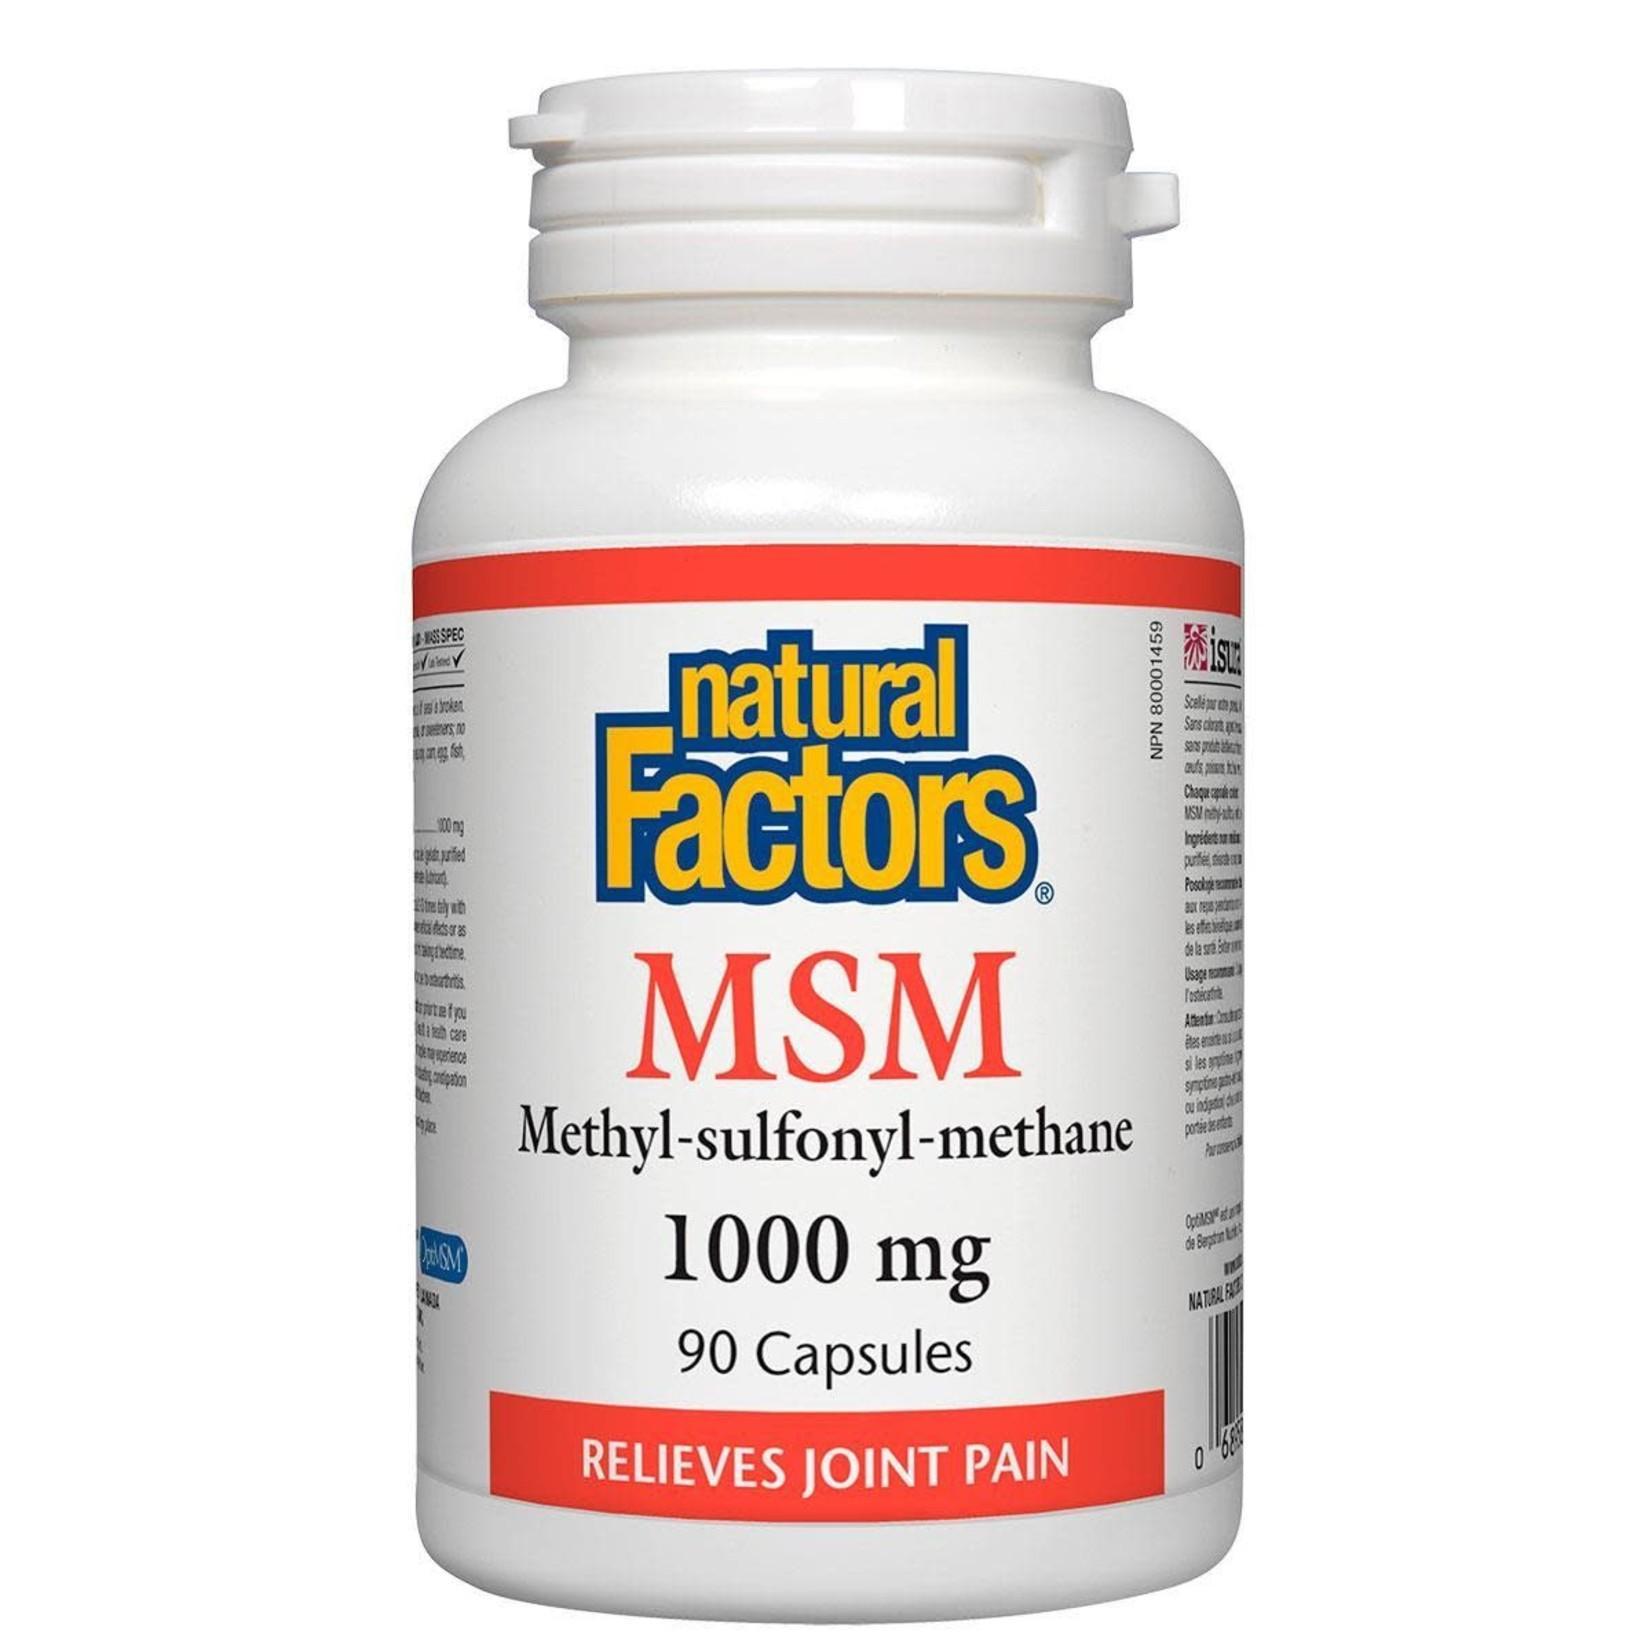 Natural Factors Natural Factors MSM 1000mg 90 caps